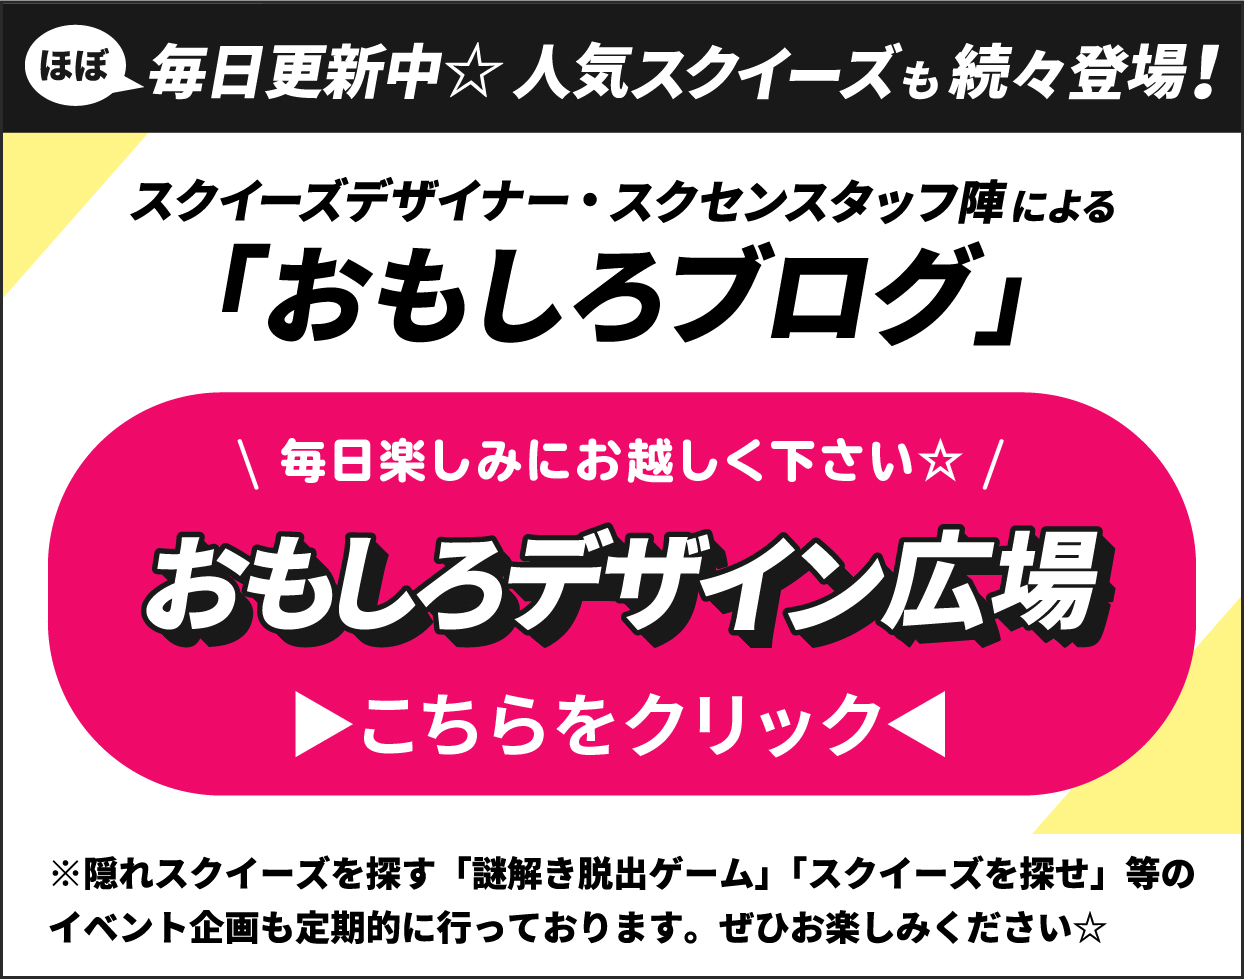 日本スクイーズセンタープロデュース!販売ストアはこちらをクリック!